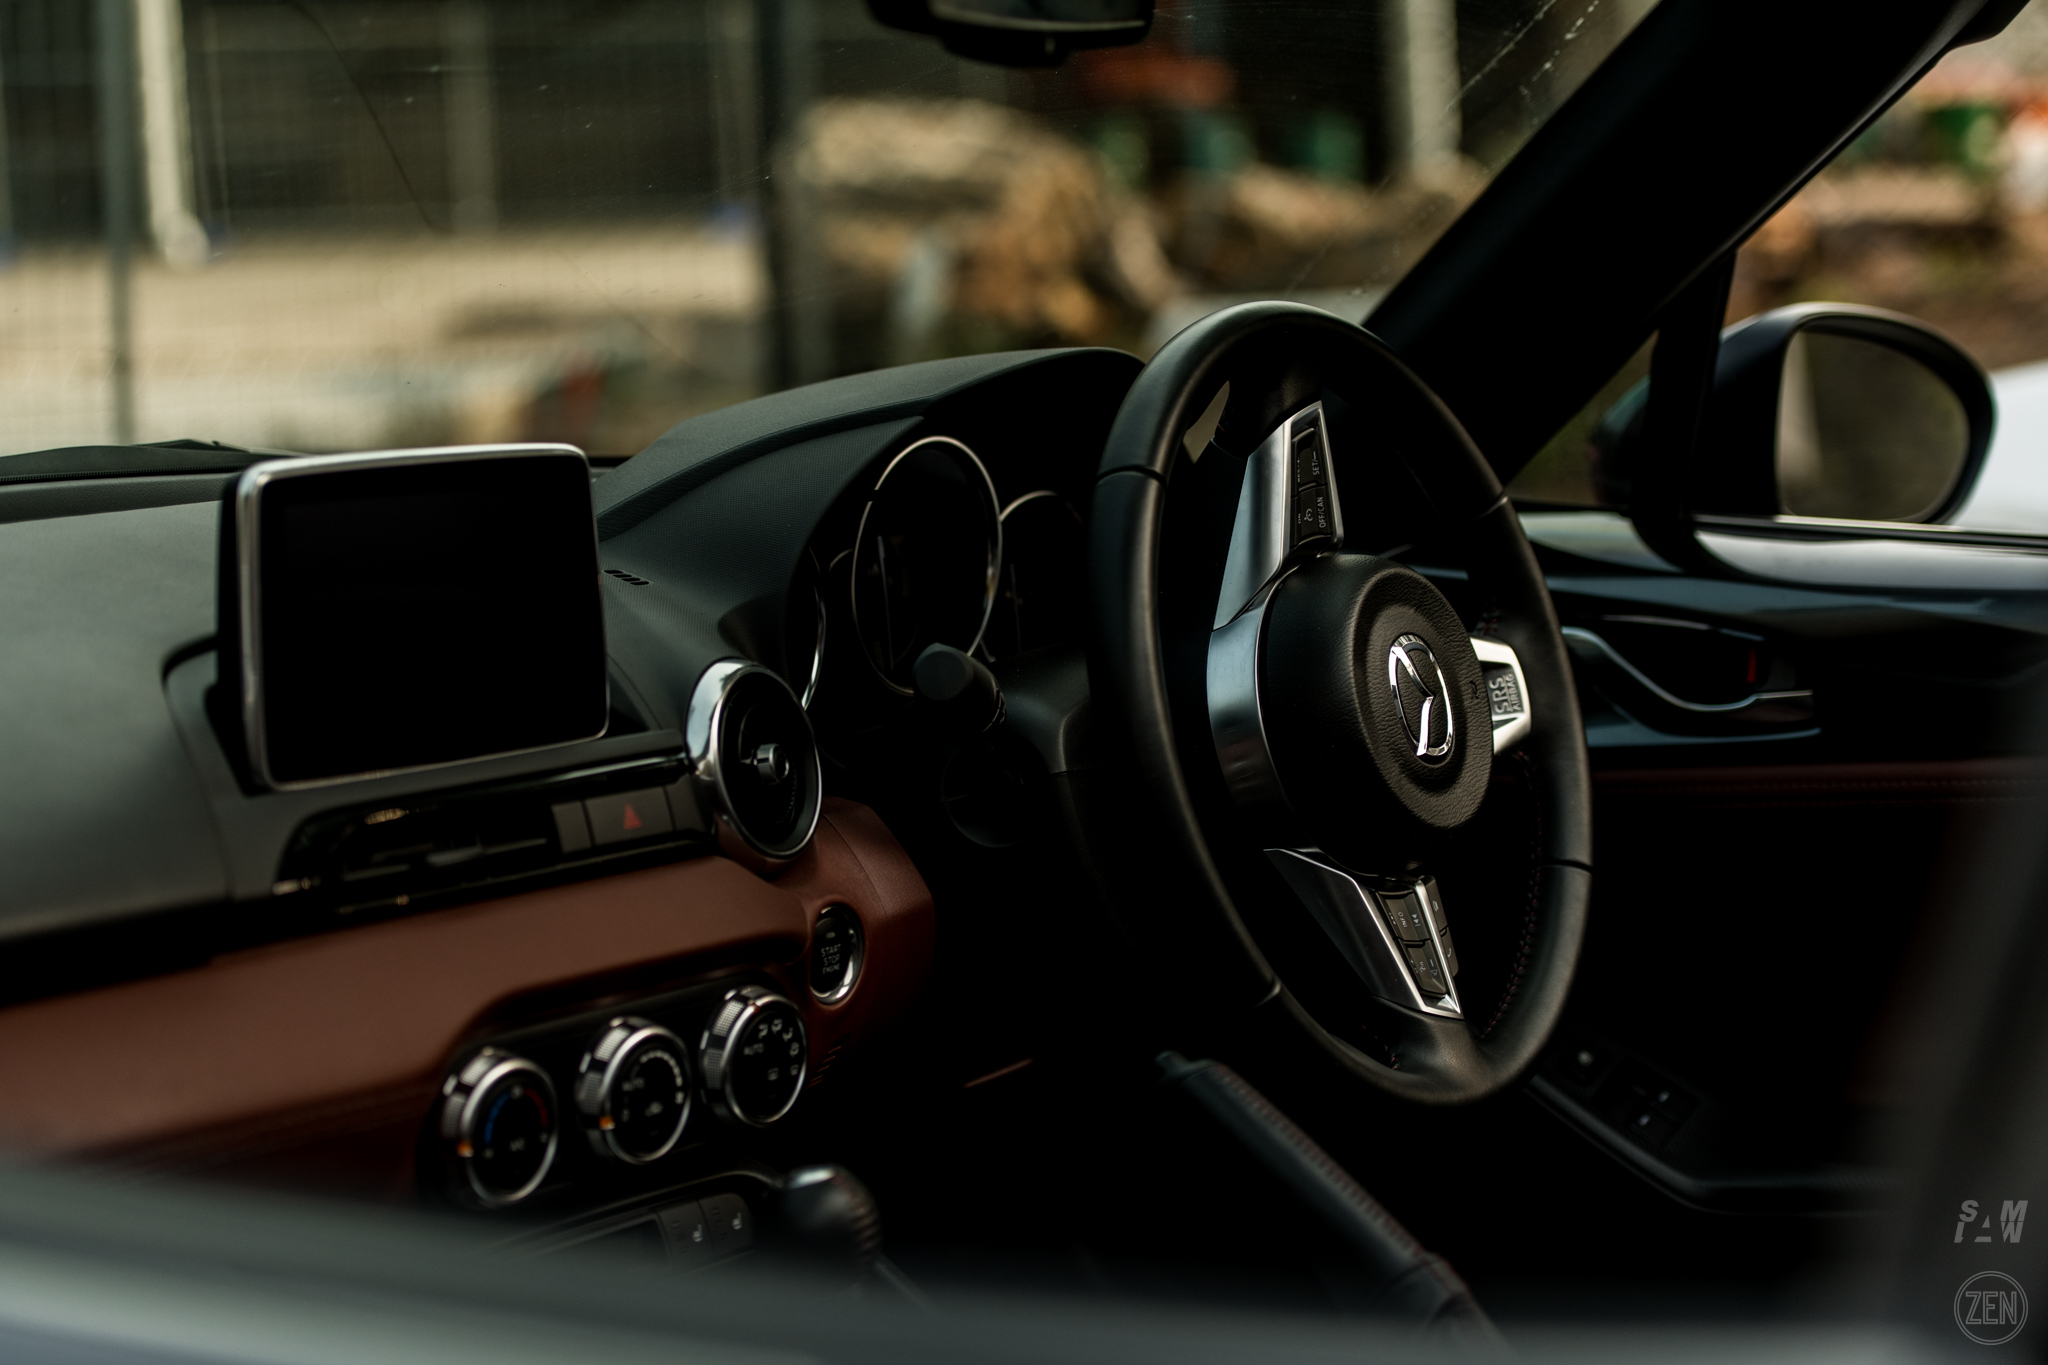 2020-01-05 - Roadsters Benzin 030